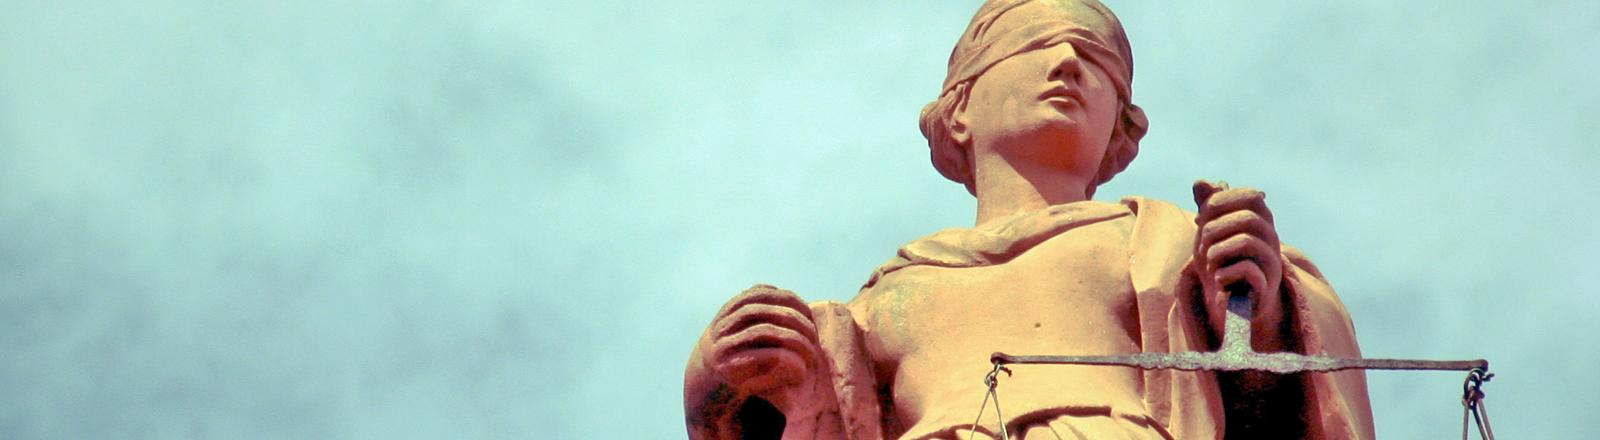 Skulptur der Justitia, eine Frau mit verbundenen Augen, in den Händen hält sie den Griff einer Waage. Die Waagschalen sind nicht zu sehen.